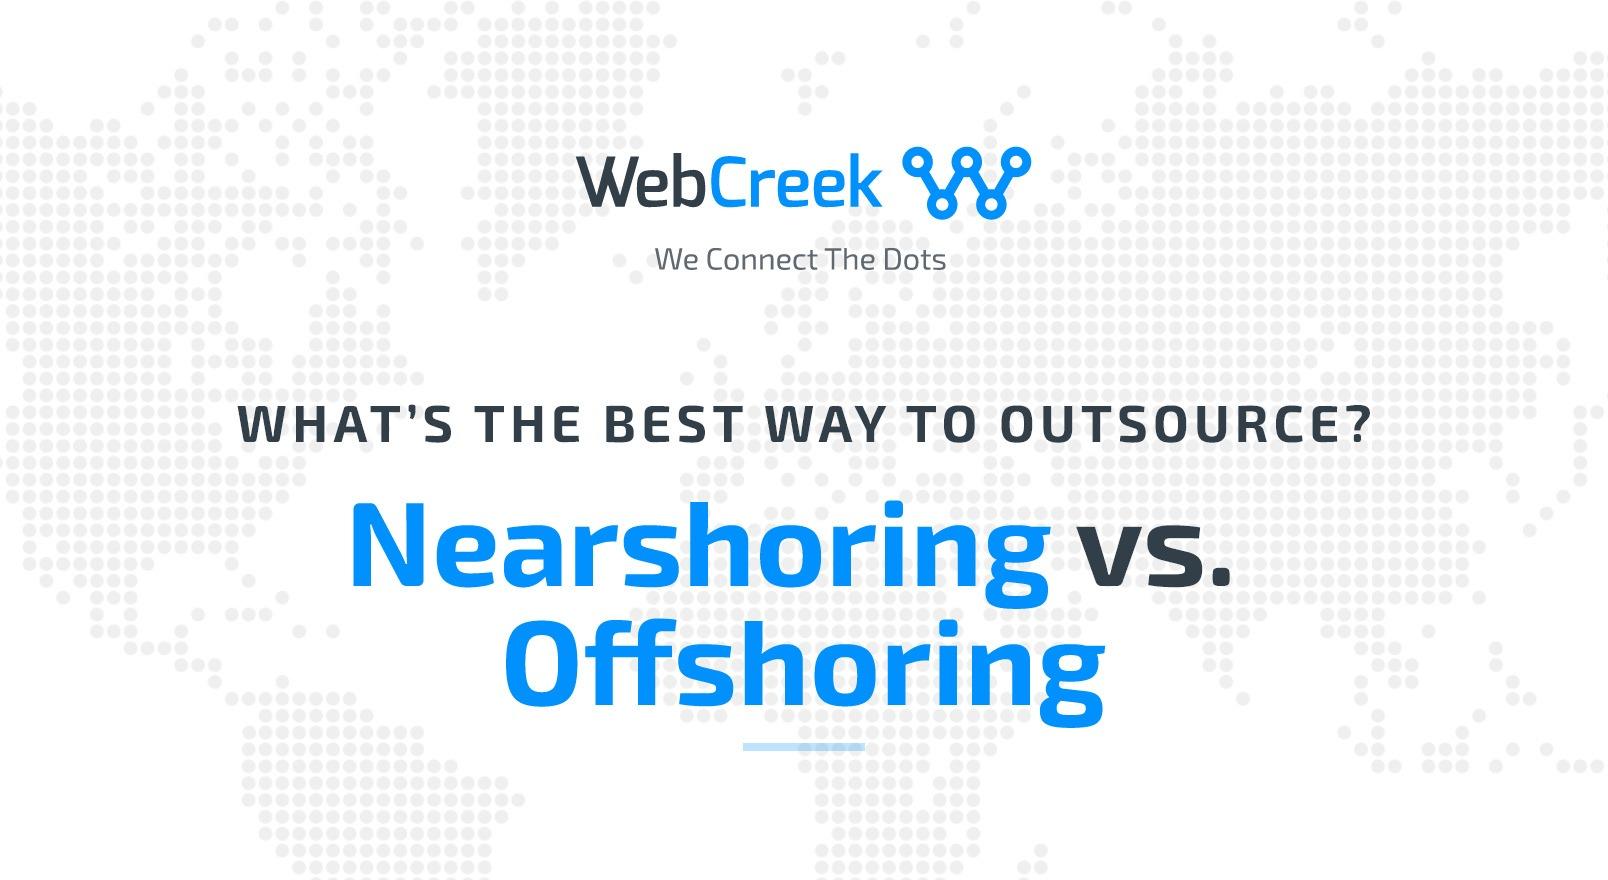 nearshoring vs offshoring